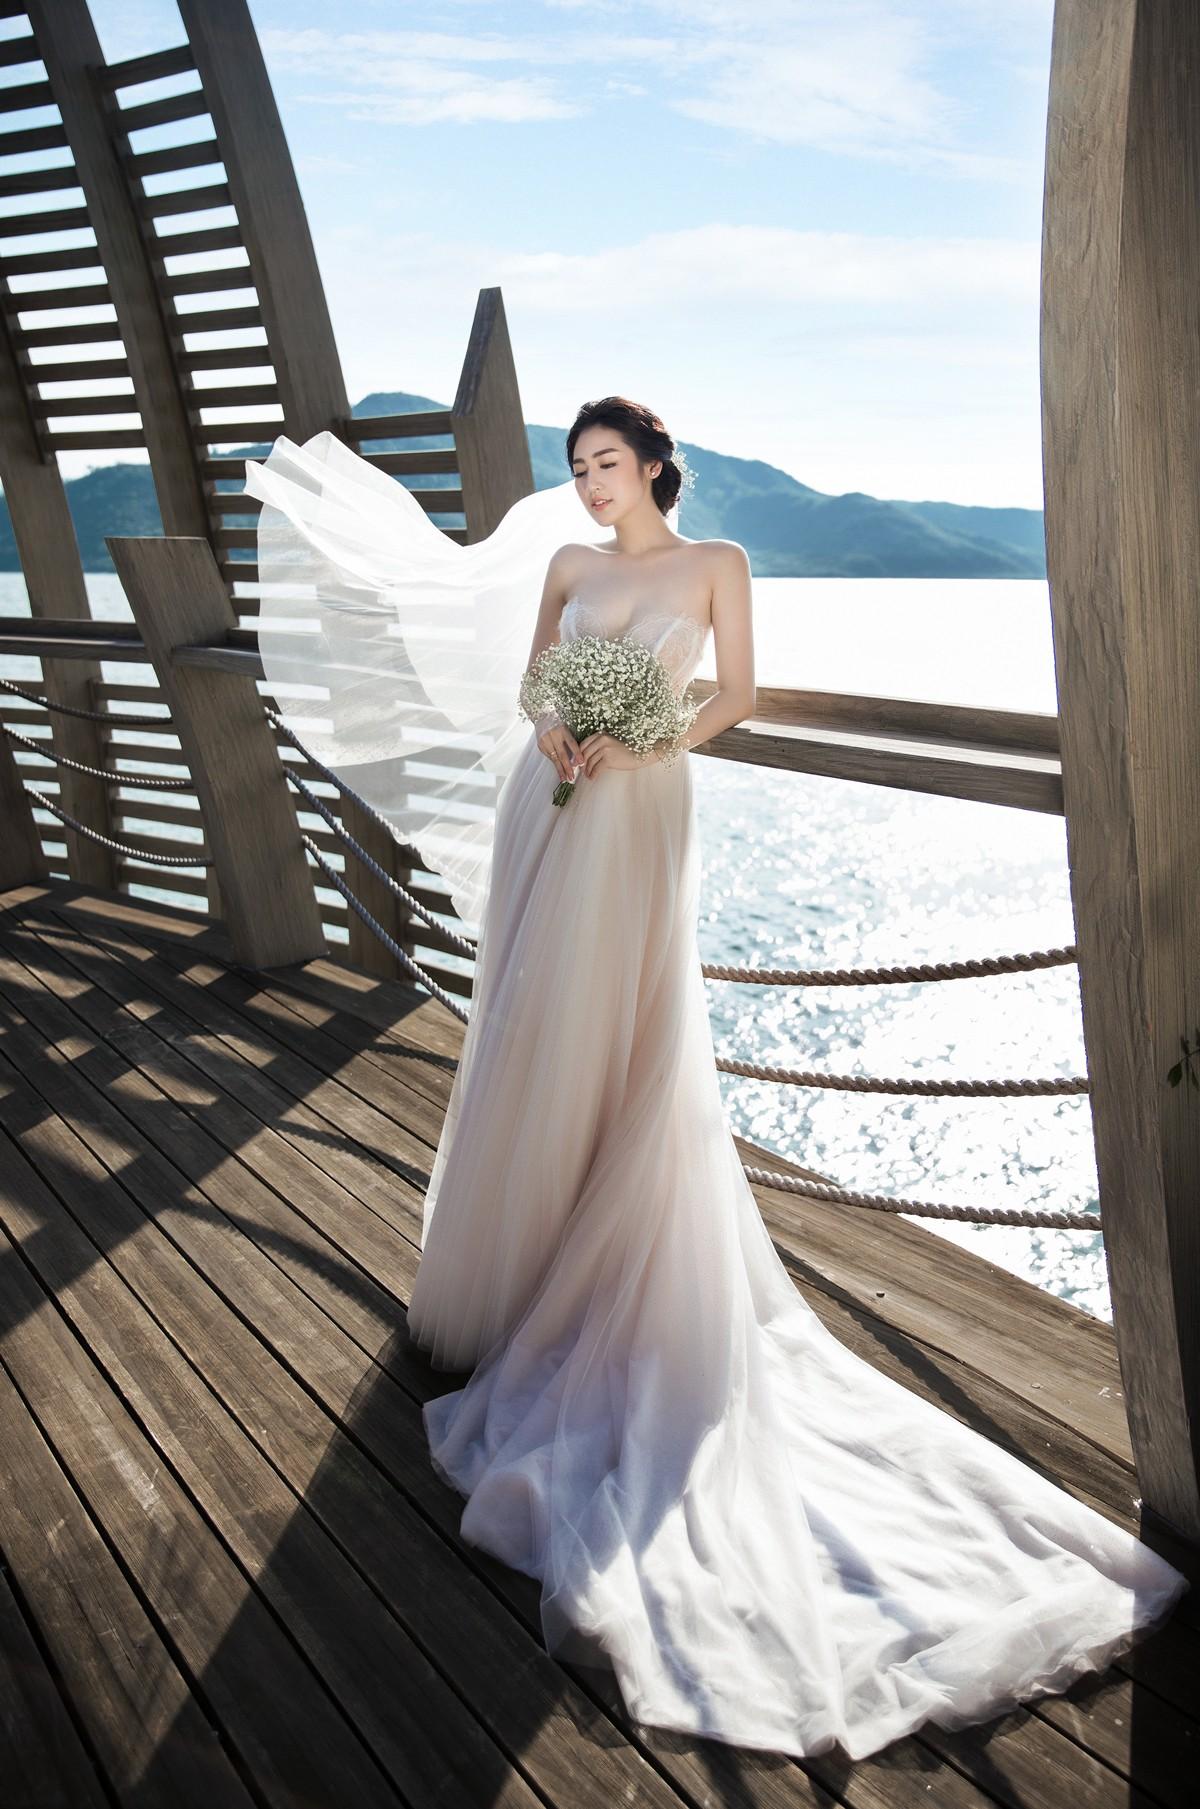 Trước ngày cưới 2 ngày, Á hậu Tú Anh khoe loạt ảnh cưới sang chảnh ngoài biển - Ảnh 1.